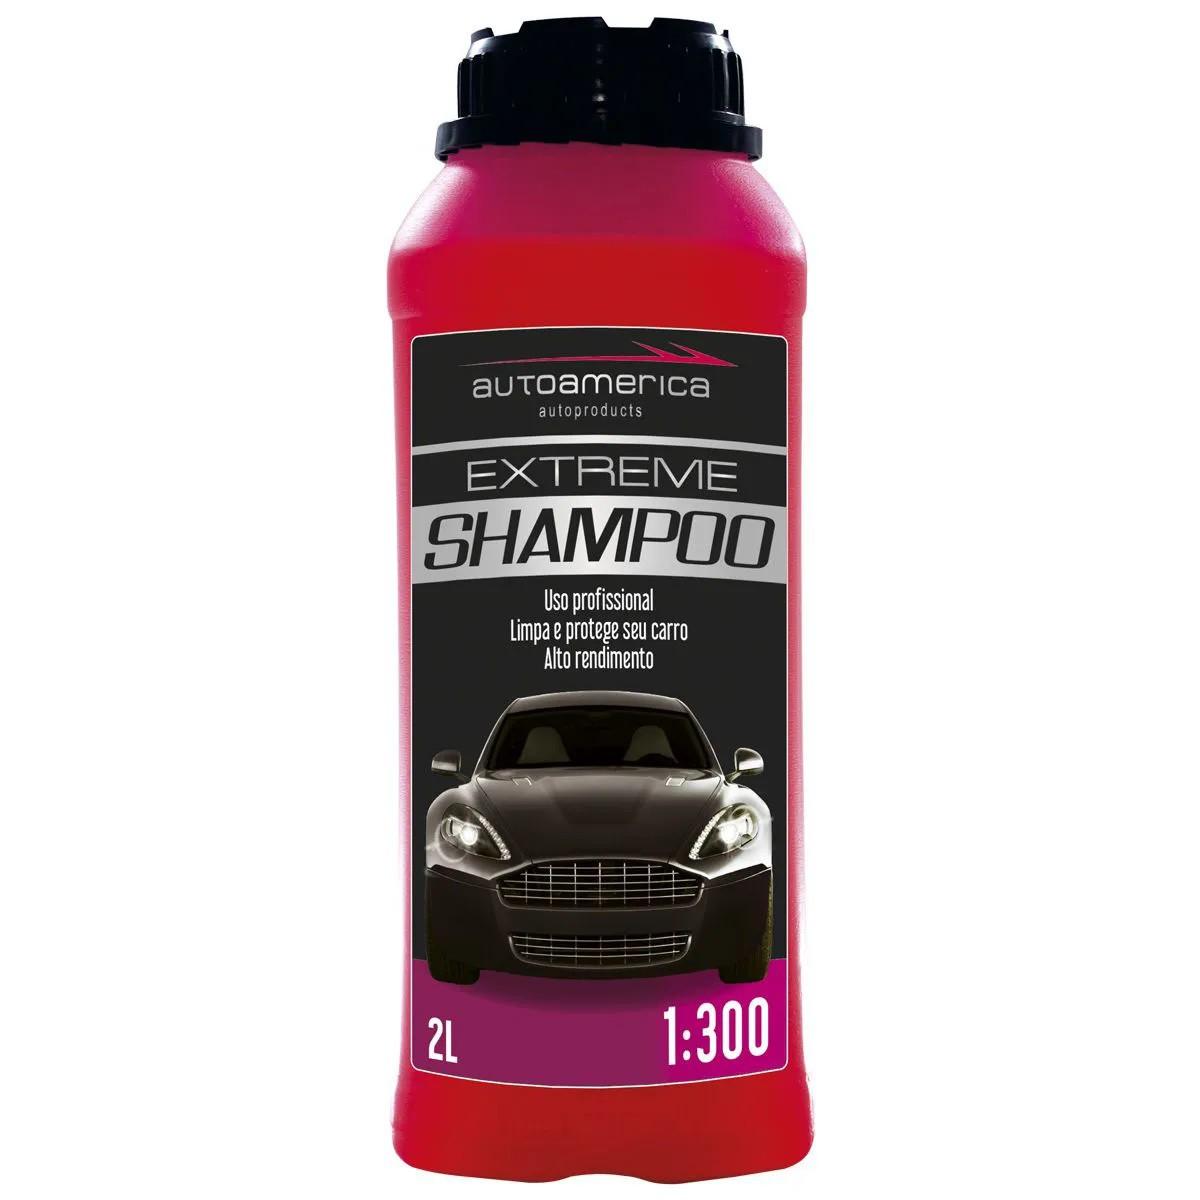 Shampoo Automotivo Extreme 2 Litros Autoamerica